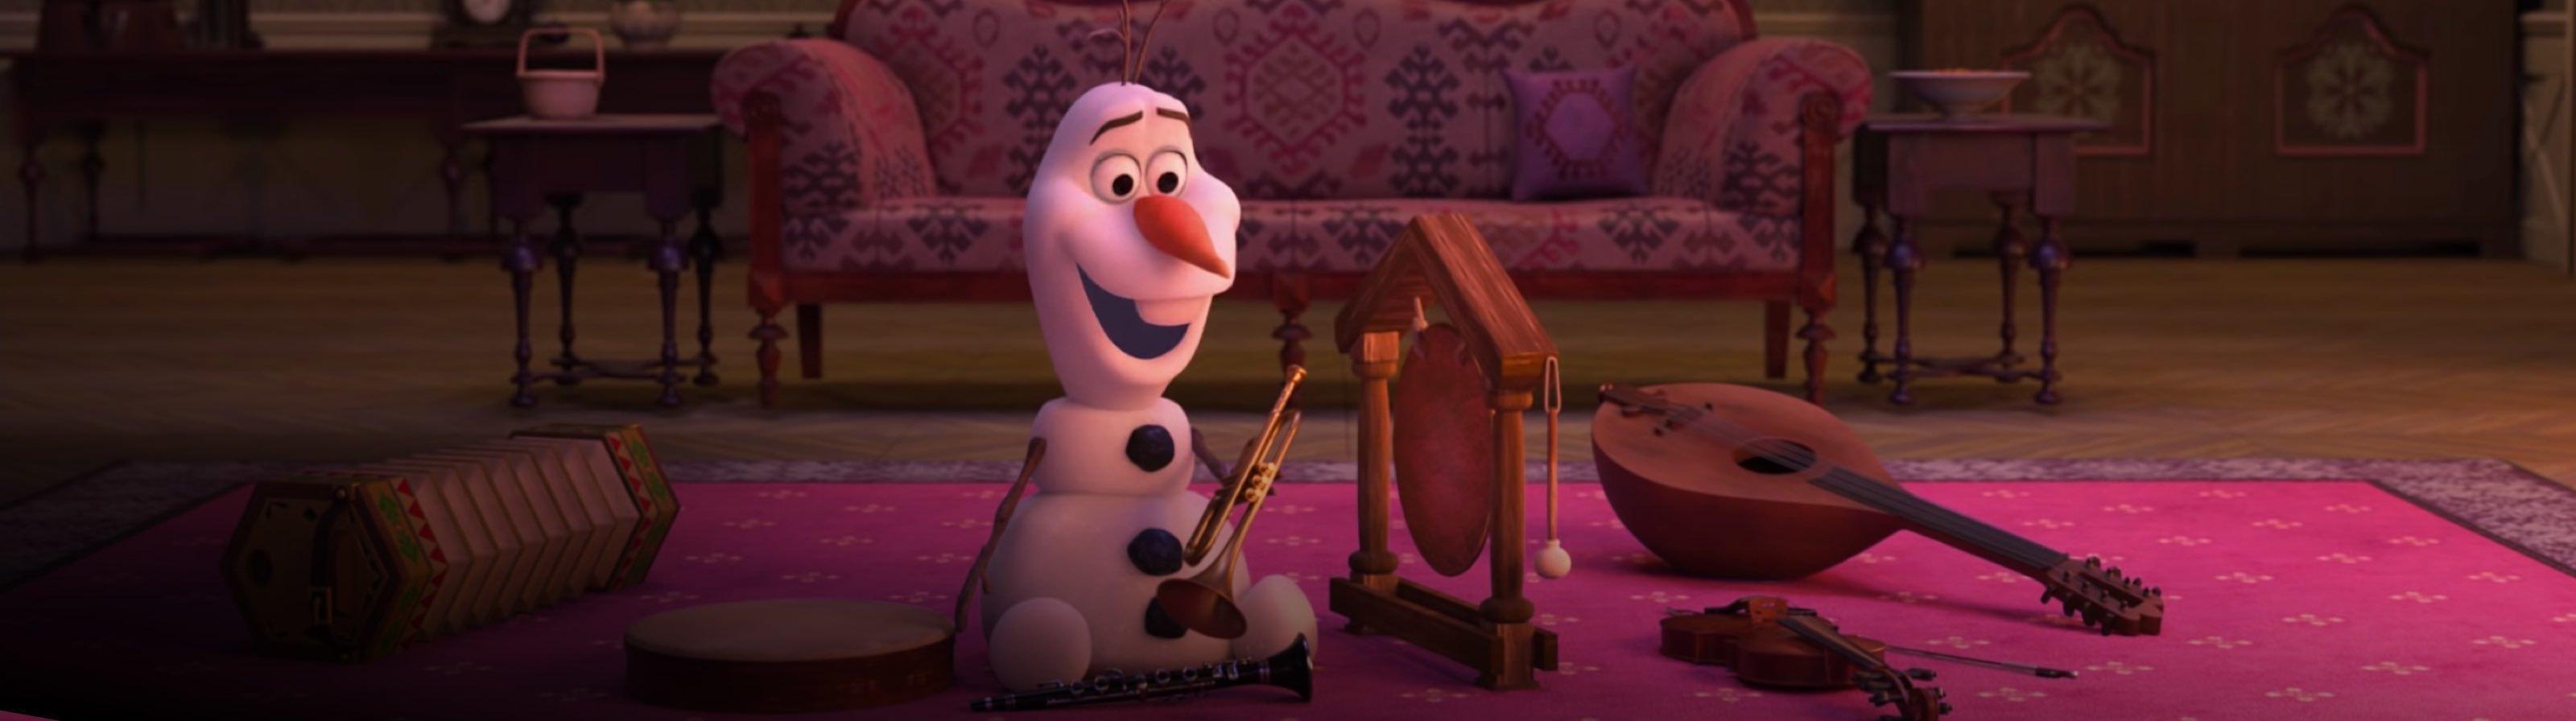 Divertiti a casa con Olaf